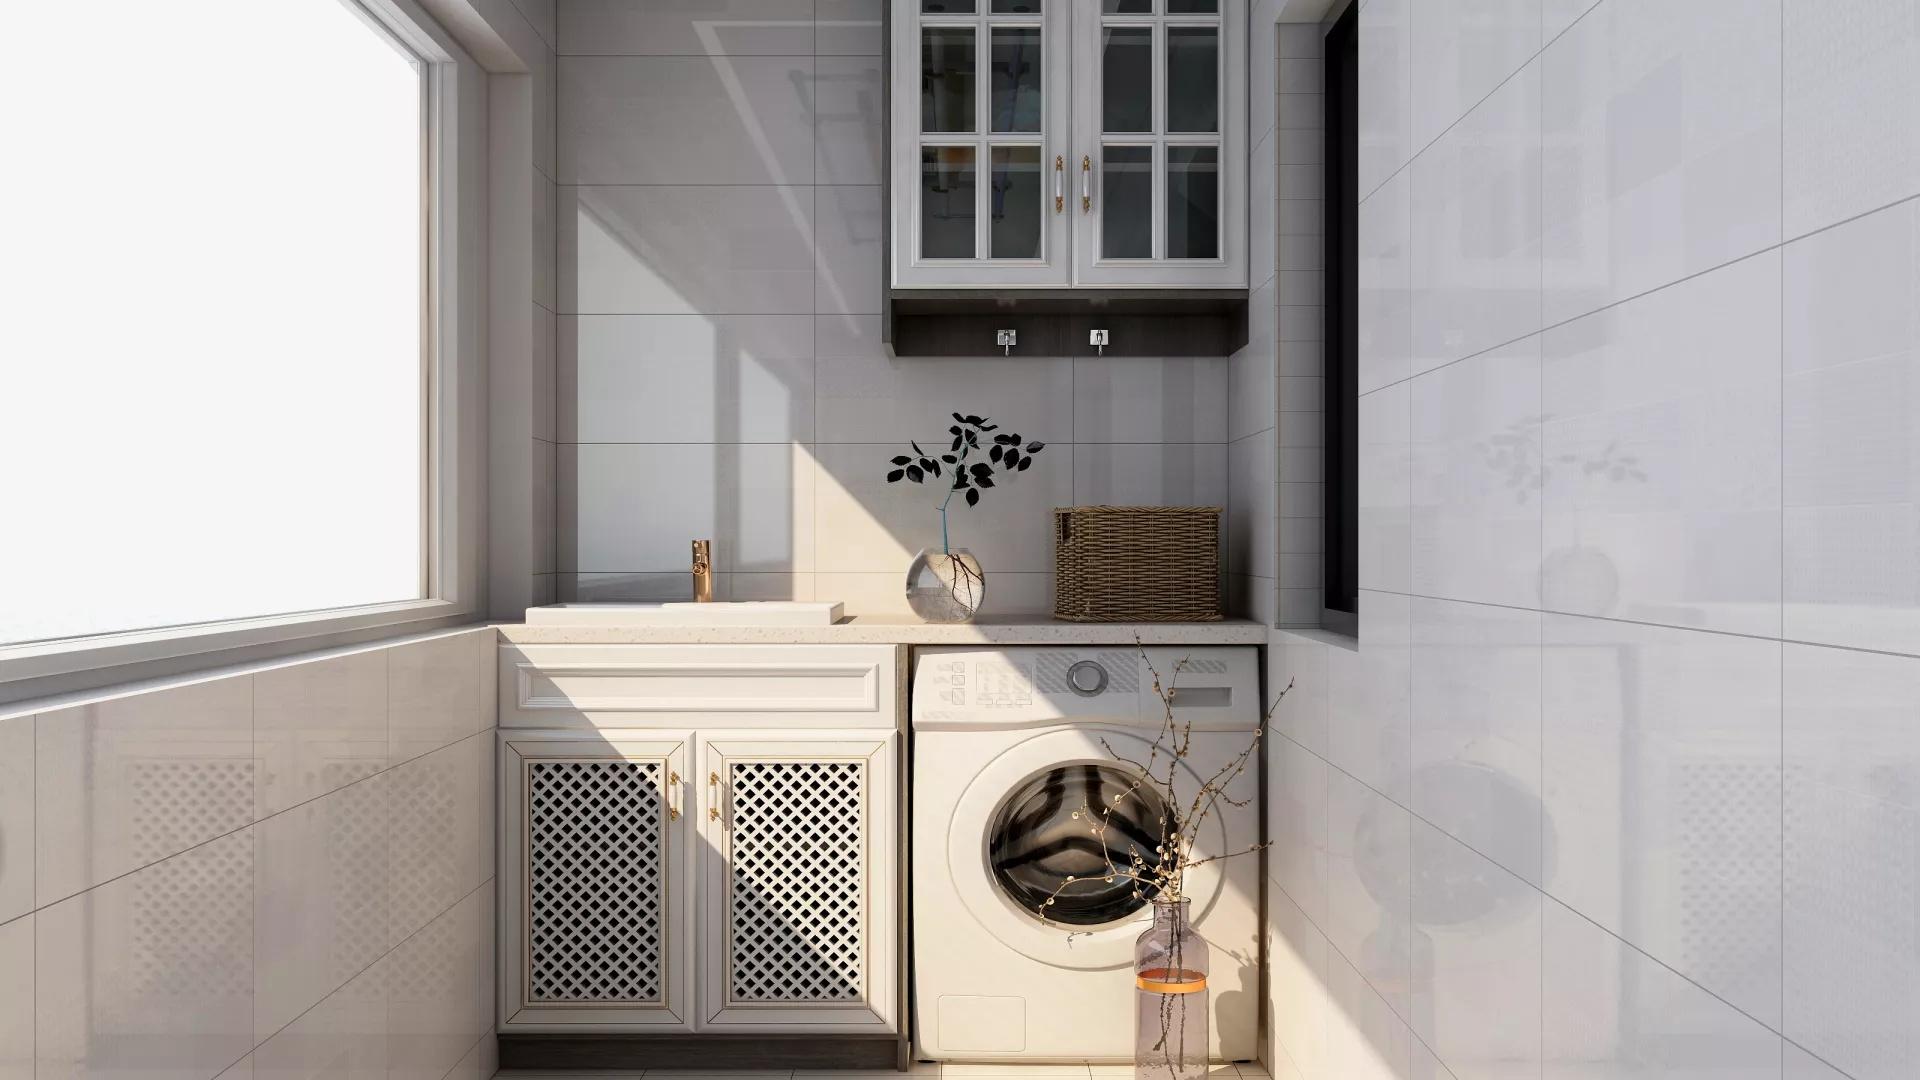 家居装修设计元素有哪些 家装怎么设计合理